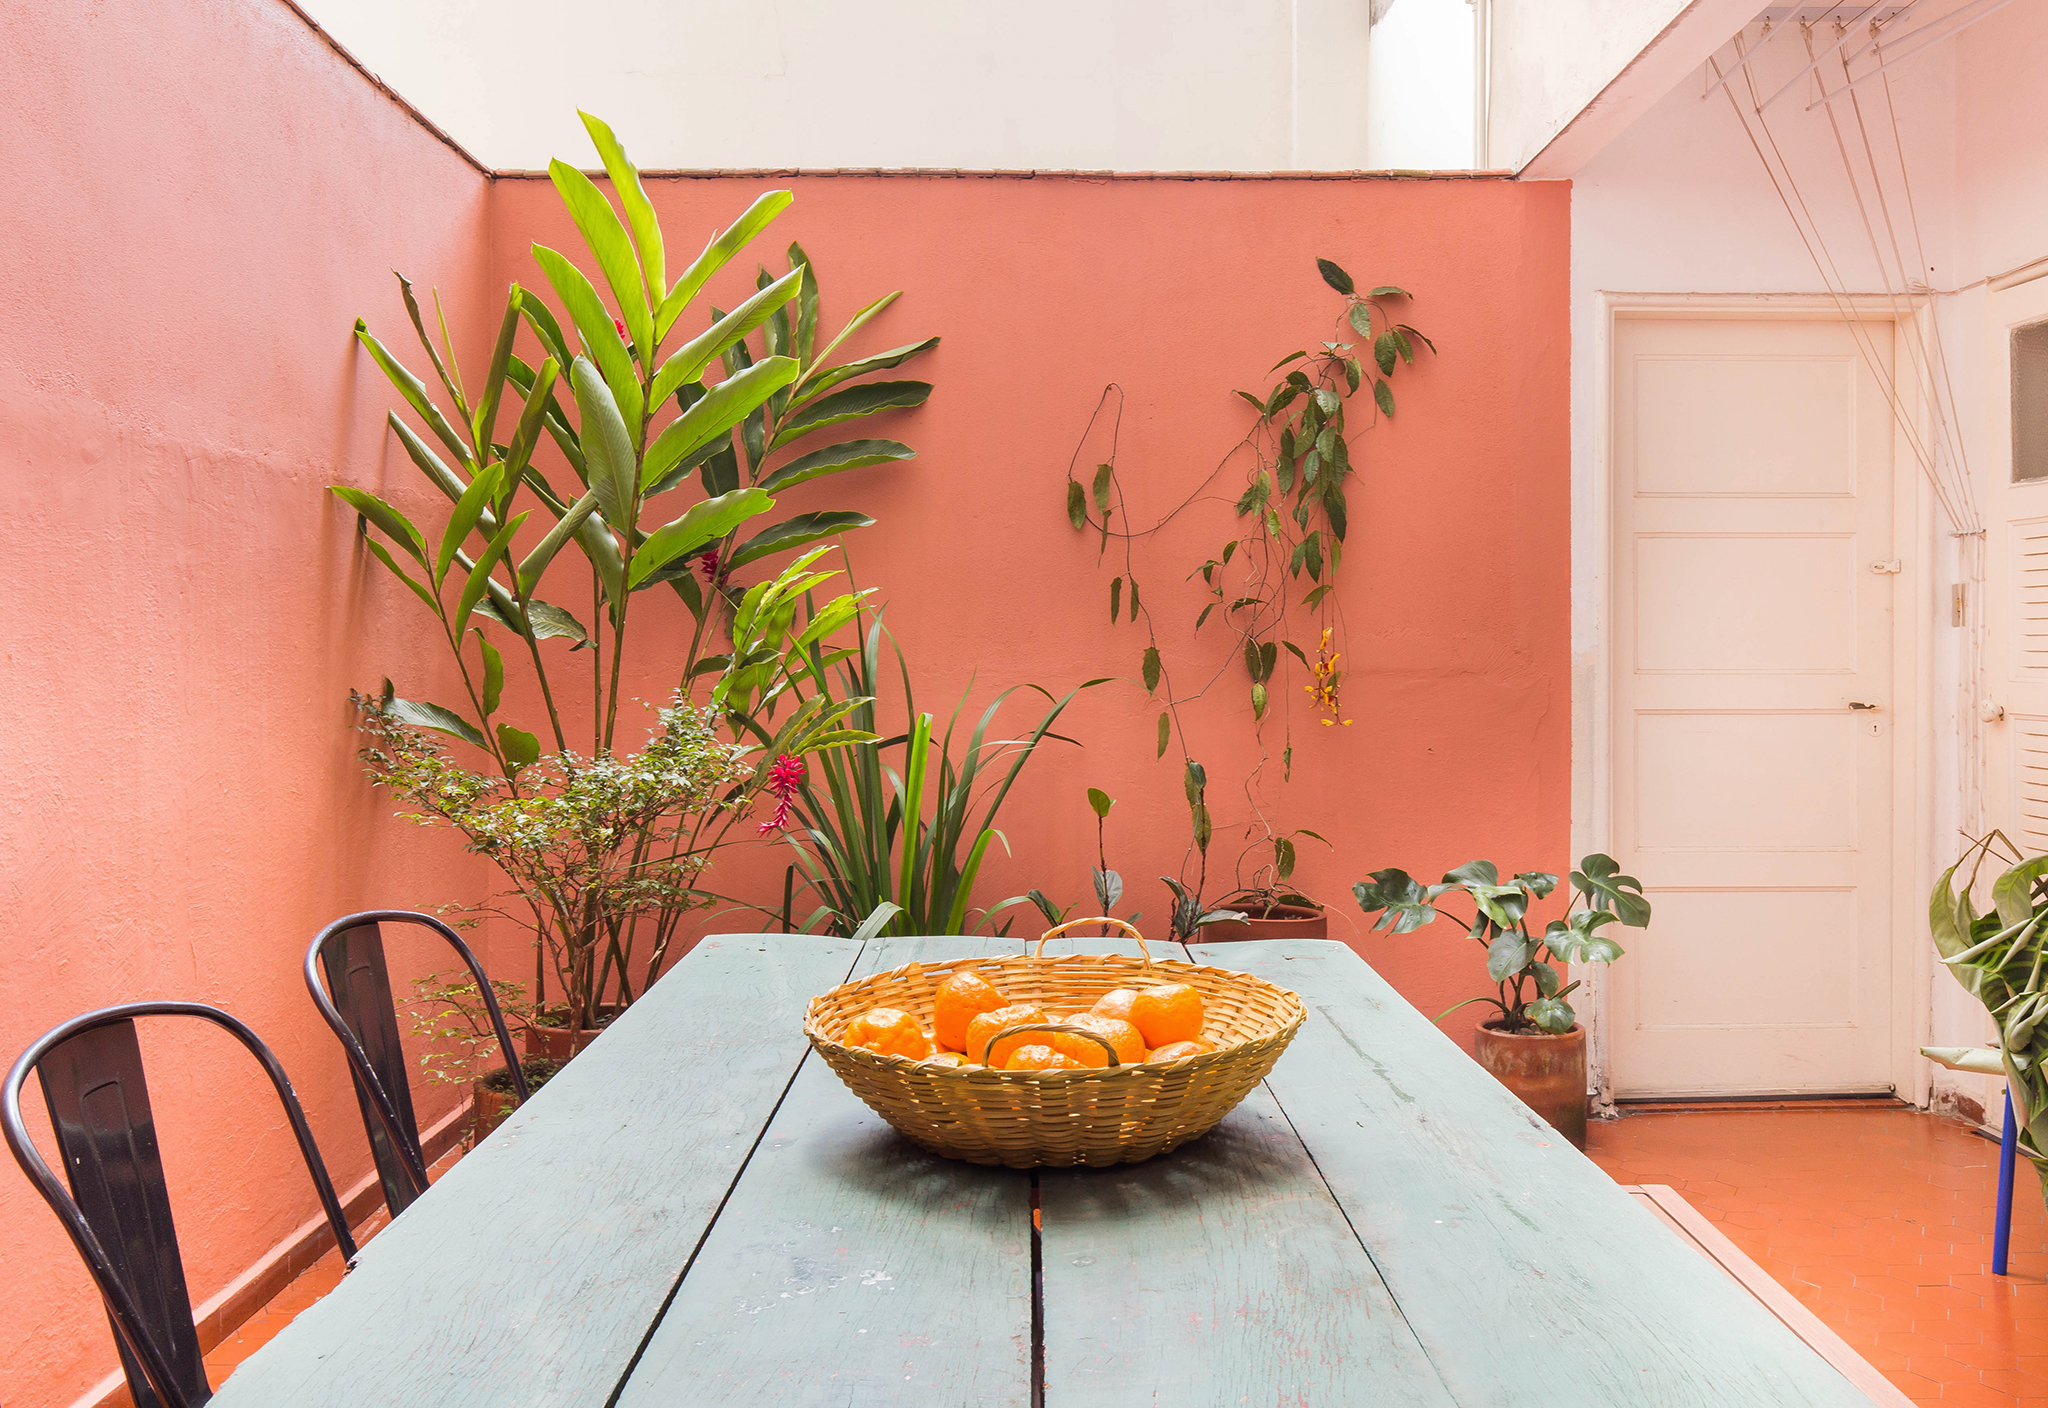 Área externa colorida com plantas